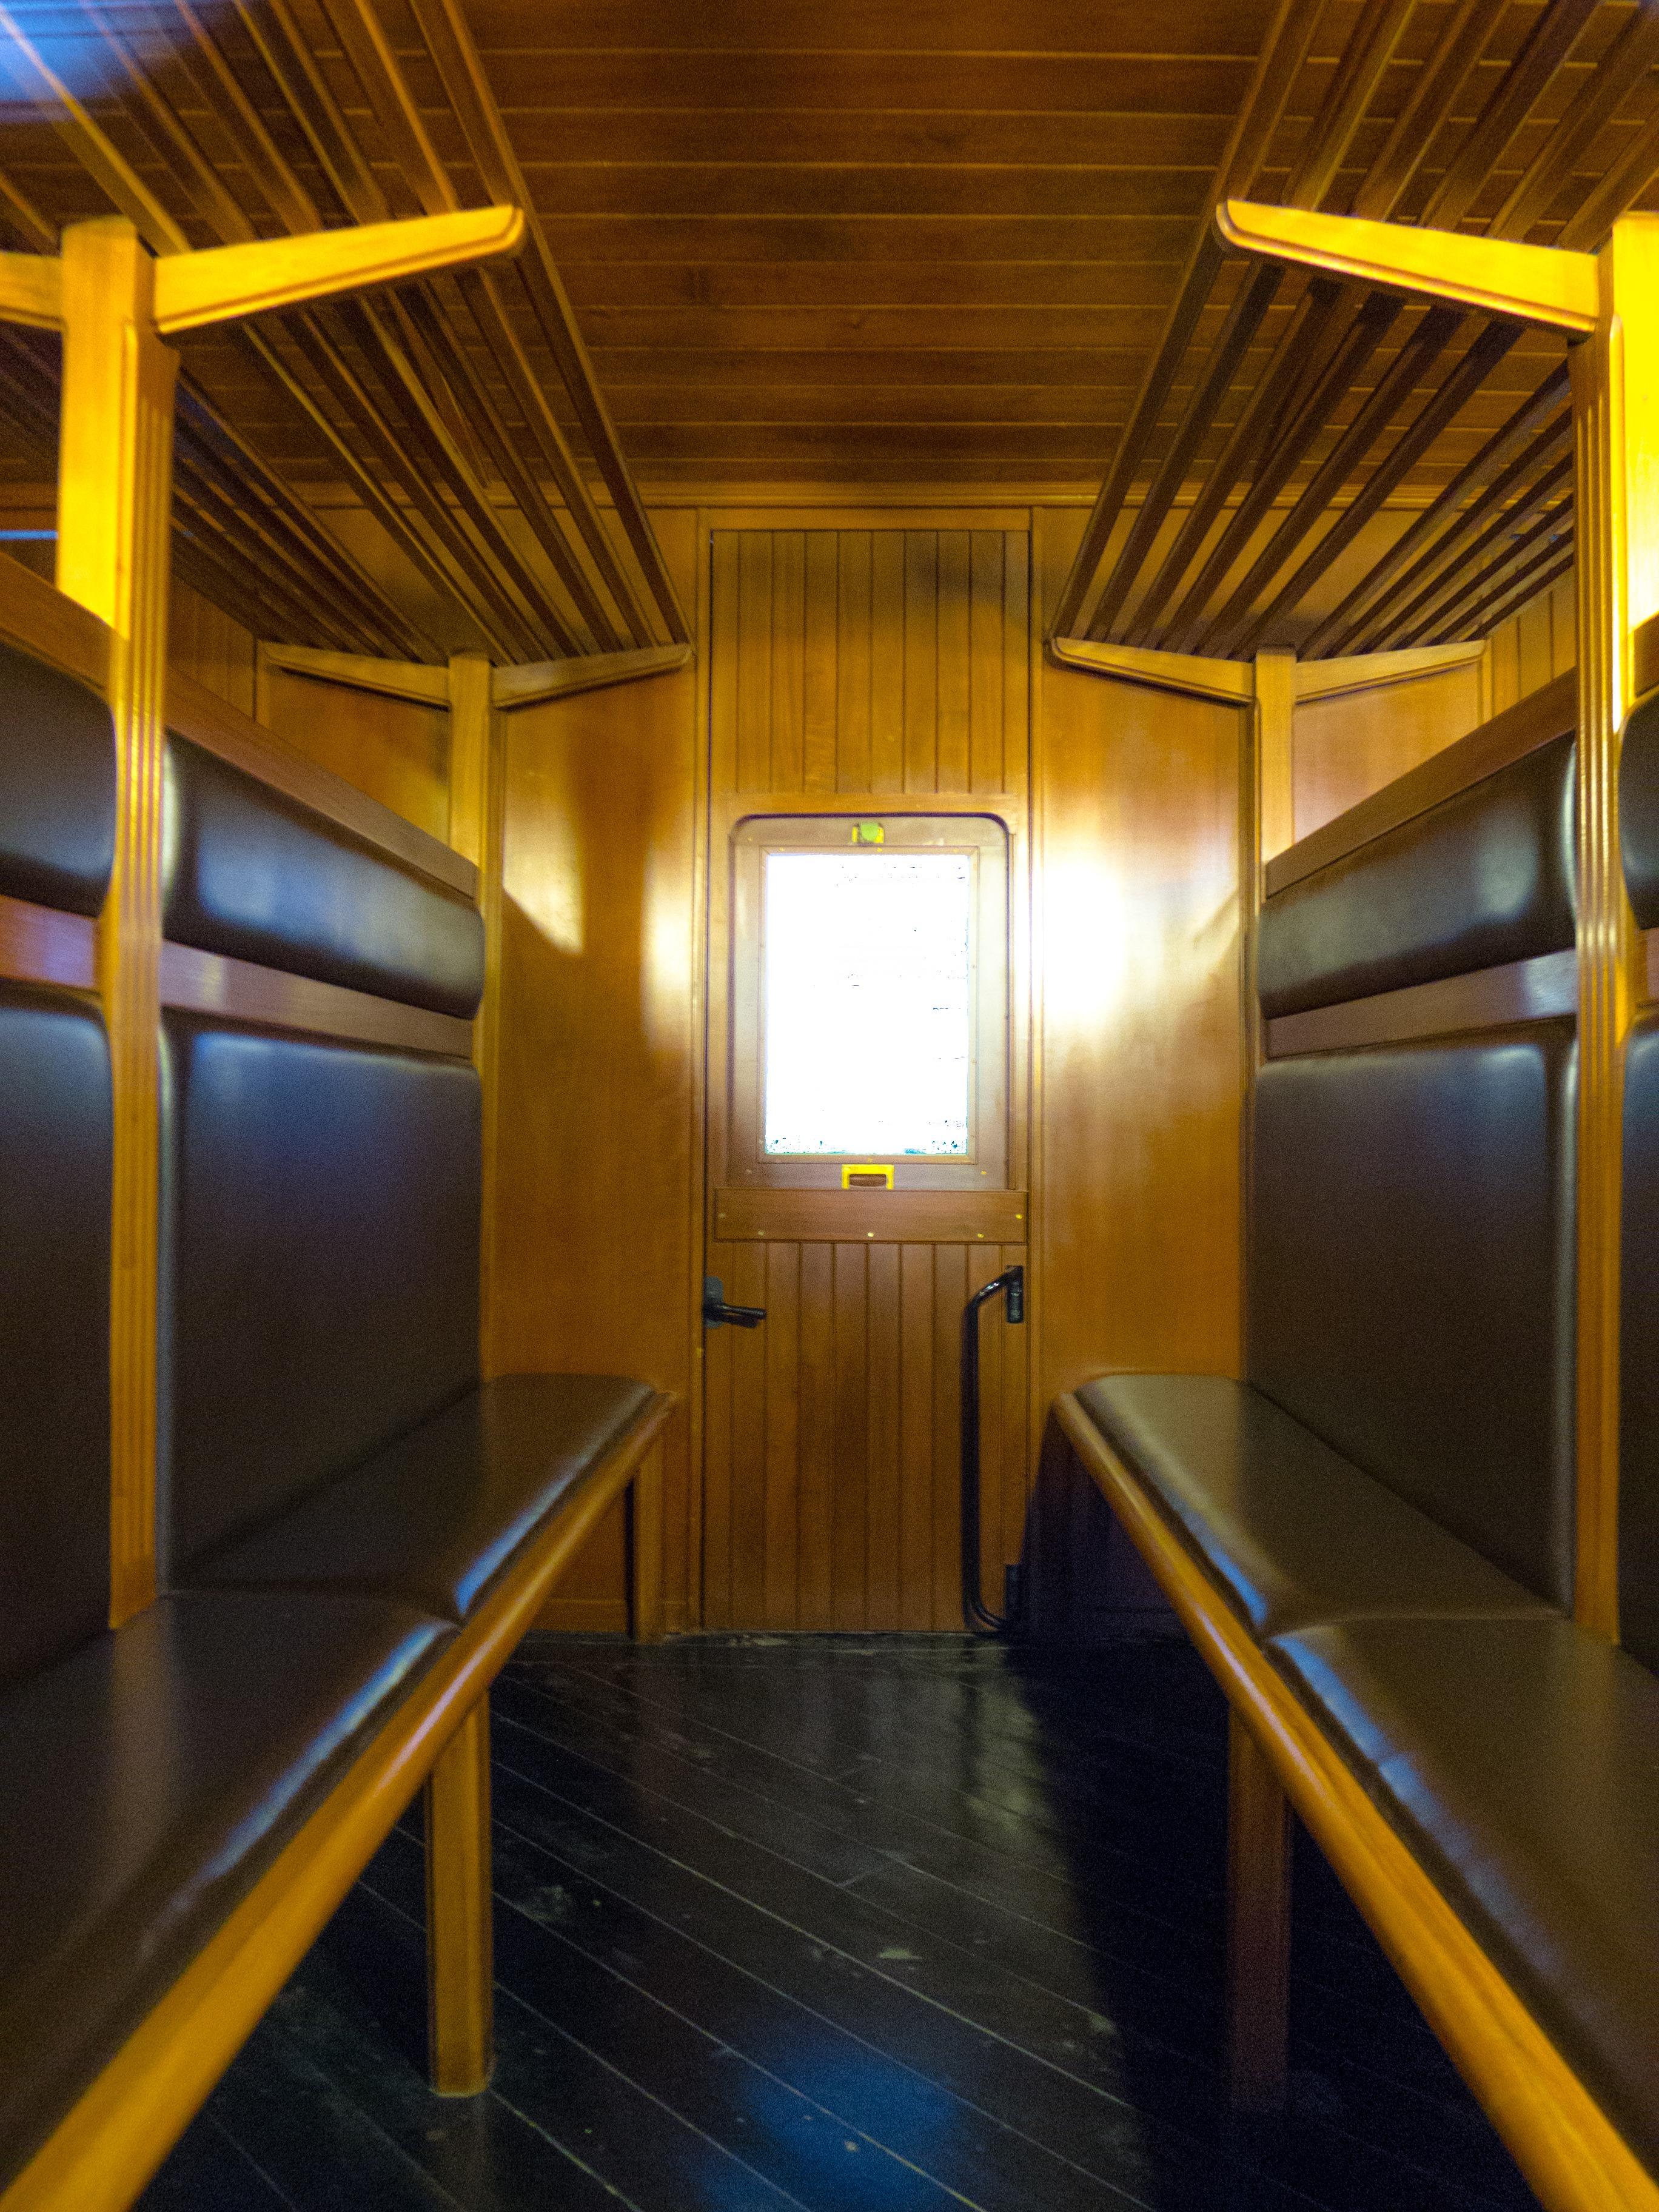 coche vendimia vagon sala piso ventana antiguo tren viajar sala cabina habitacion transporte publico diseno de